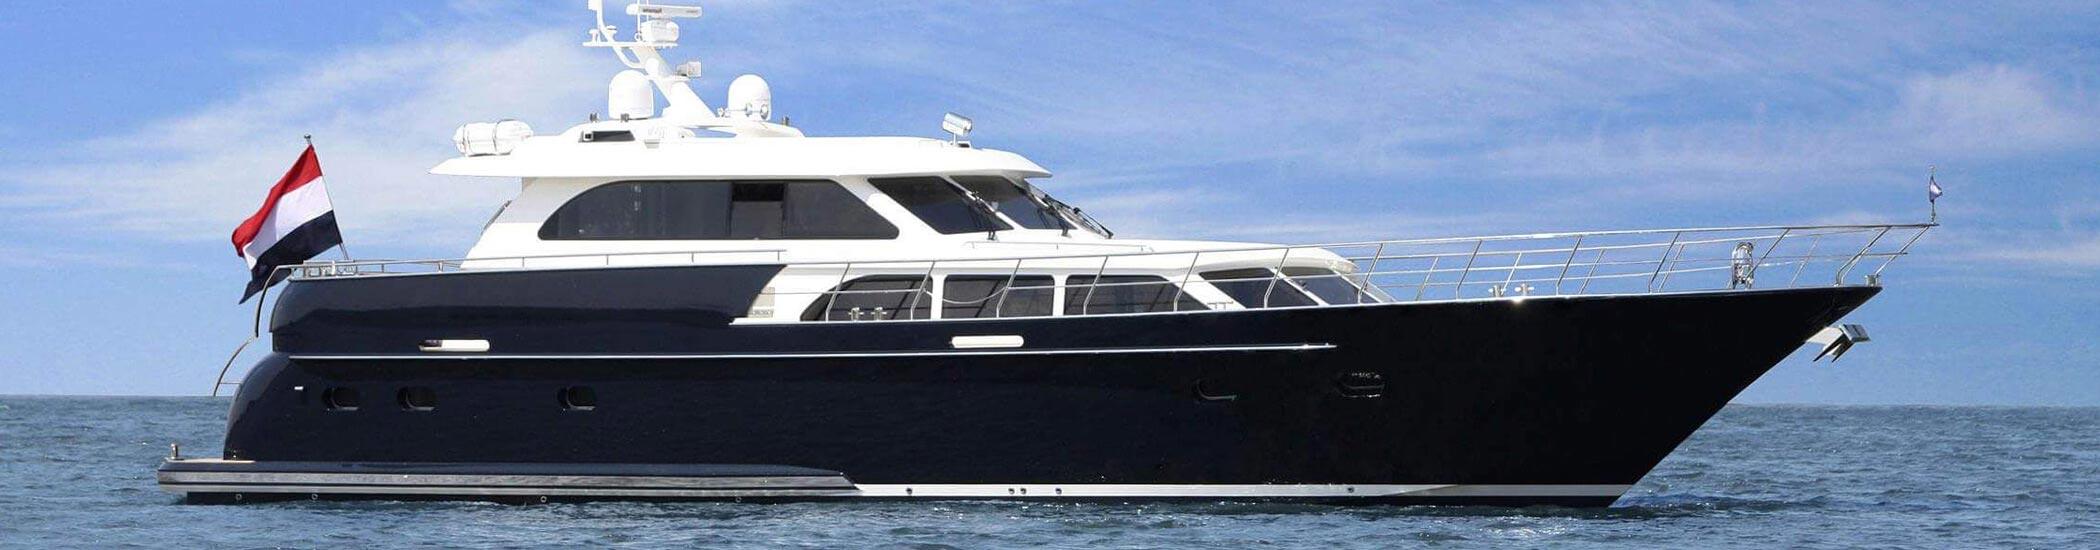 Dolman Yachting is een E.M.C.I gecertificeerd jacht- en scheepsmakelaar